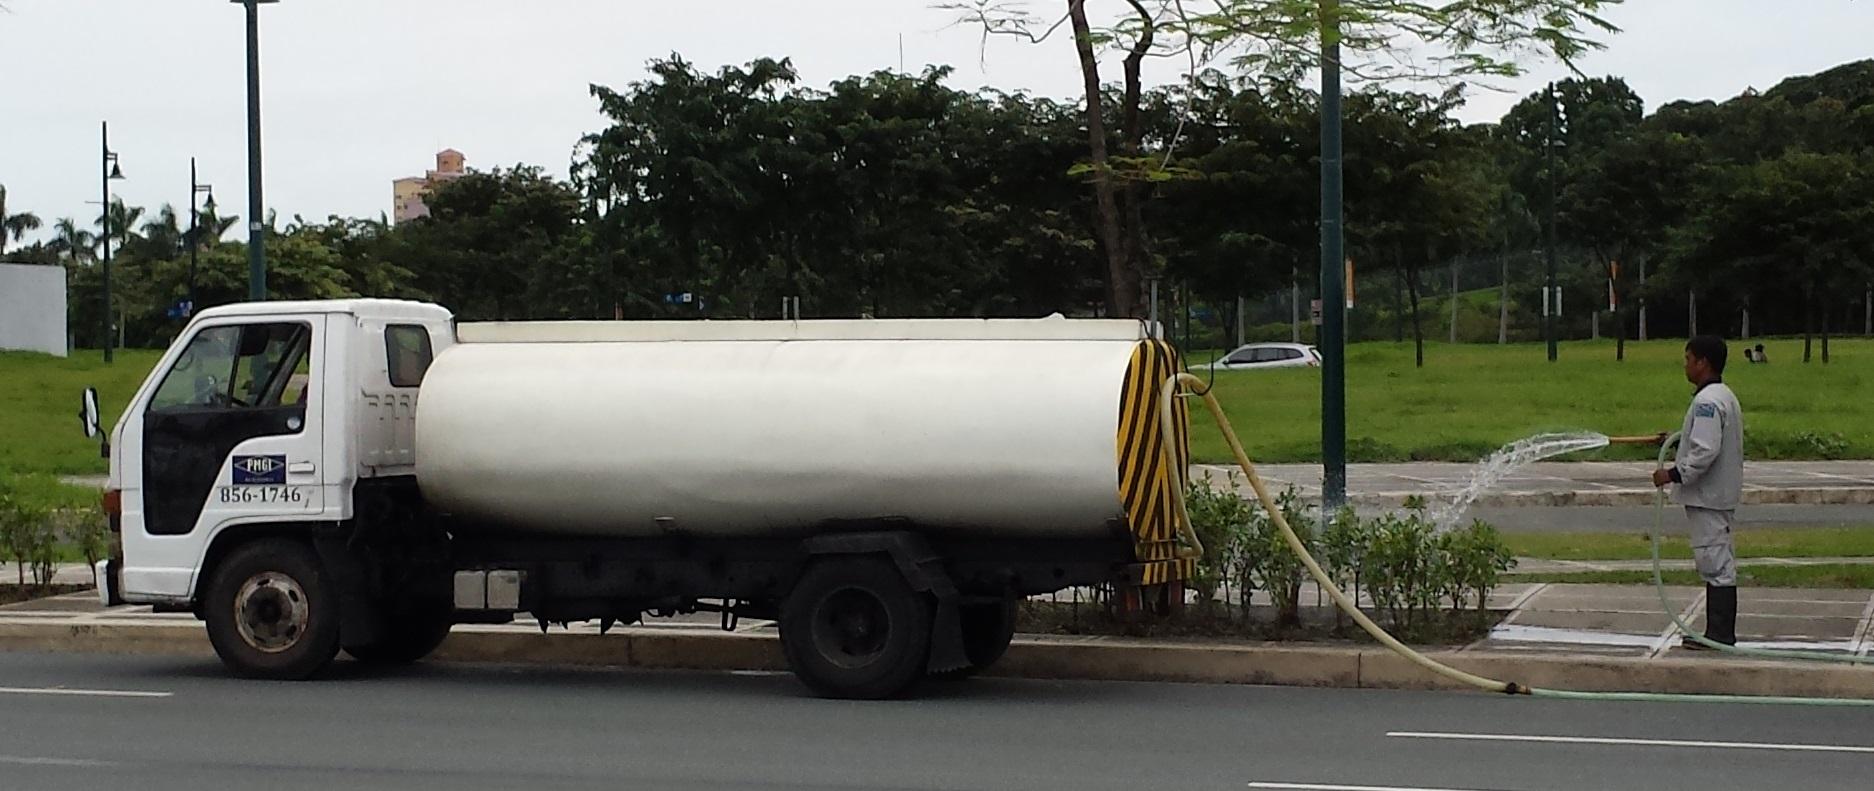 File:Water tank truck.jpg